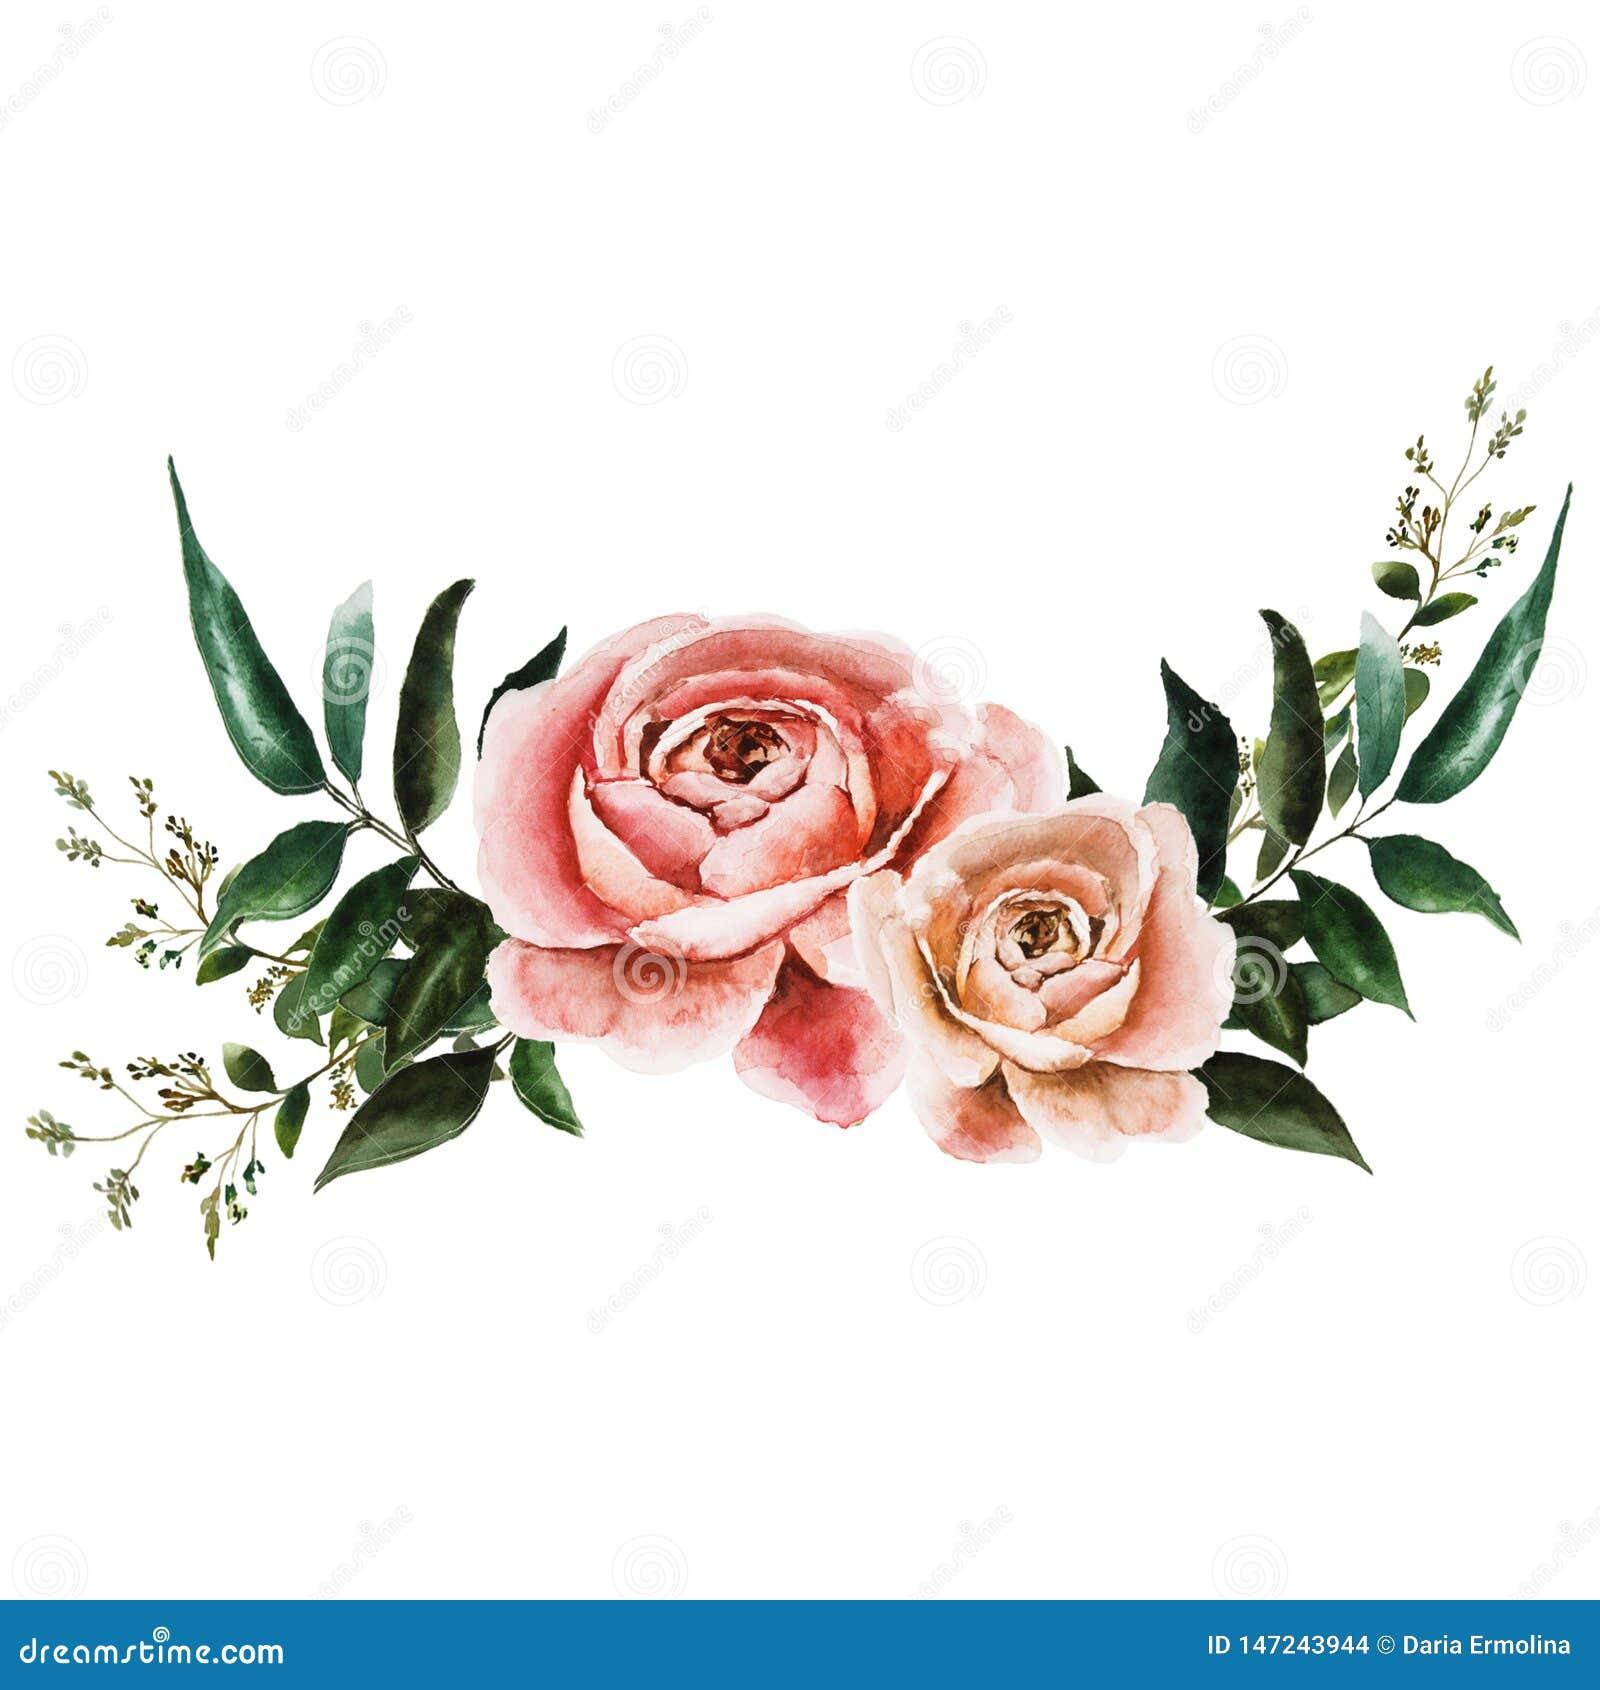 Illustratie met rozen